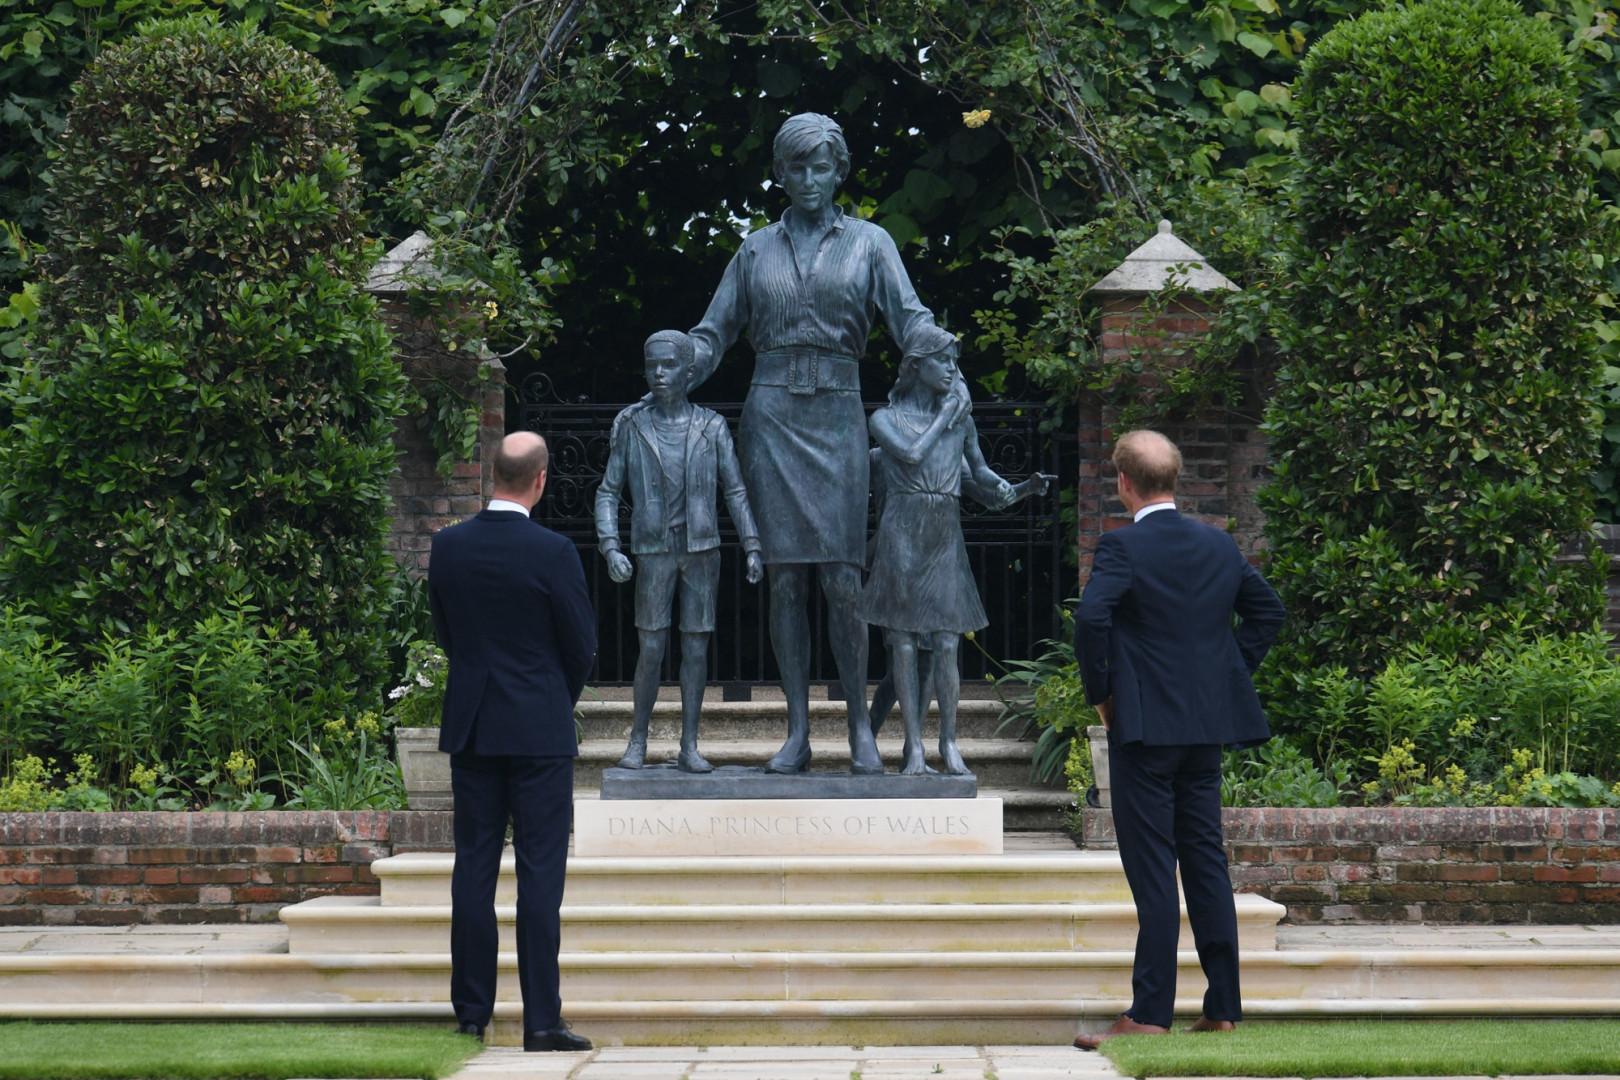 William et Harry à l'inauguration de la statue de Lady Diana dans le jardin de Kensington, le 1er juillet 2021